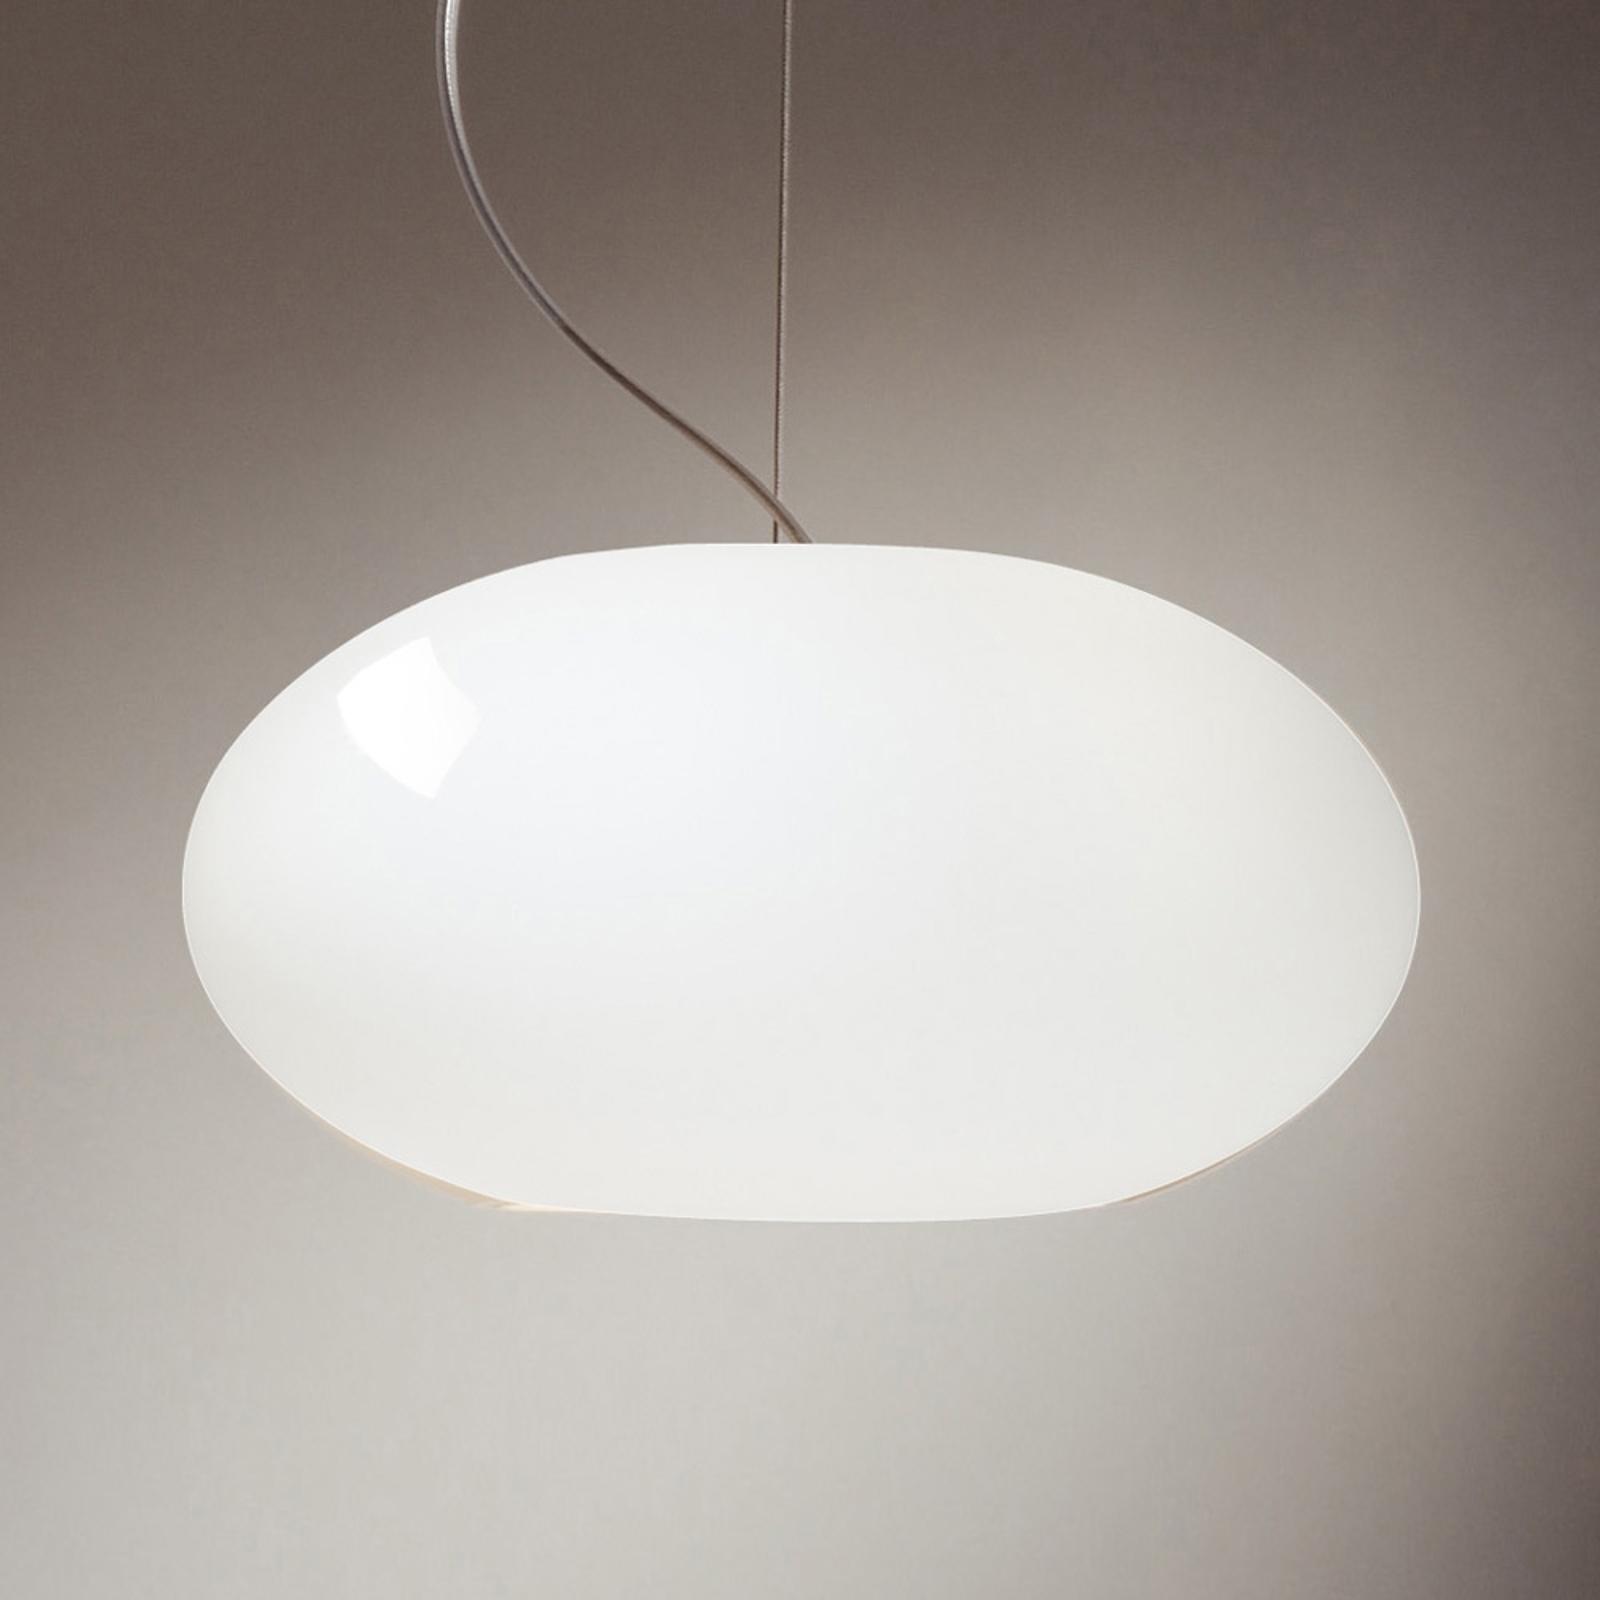 Casablanca Aih - Hängeleuchte 28 cm weiß glänzend